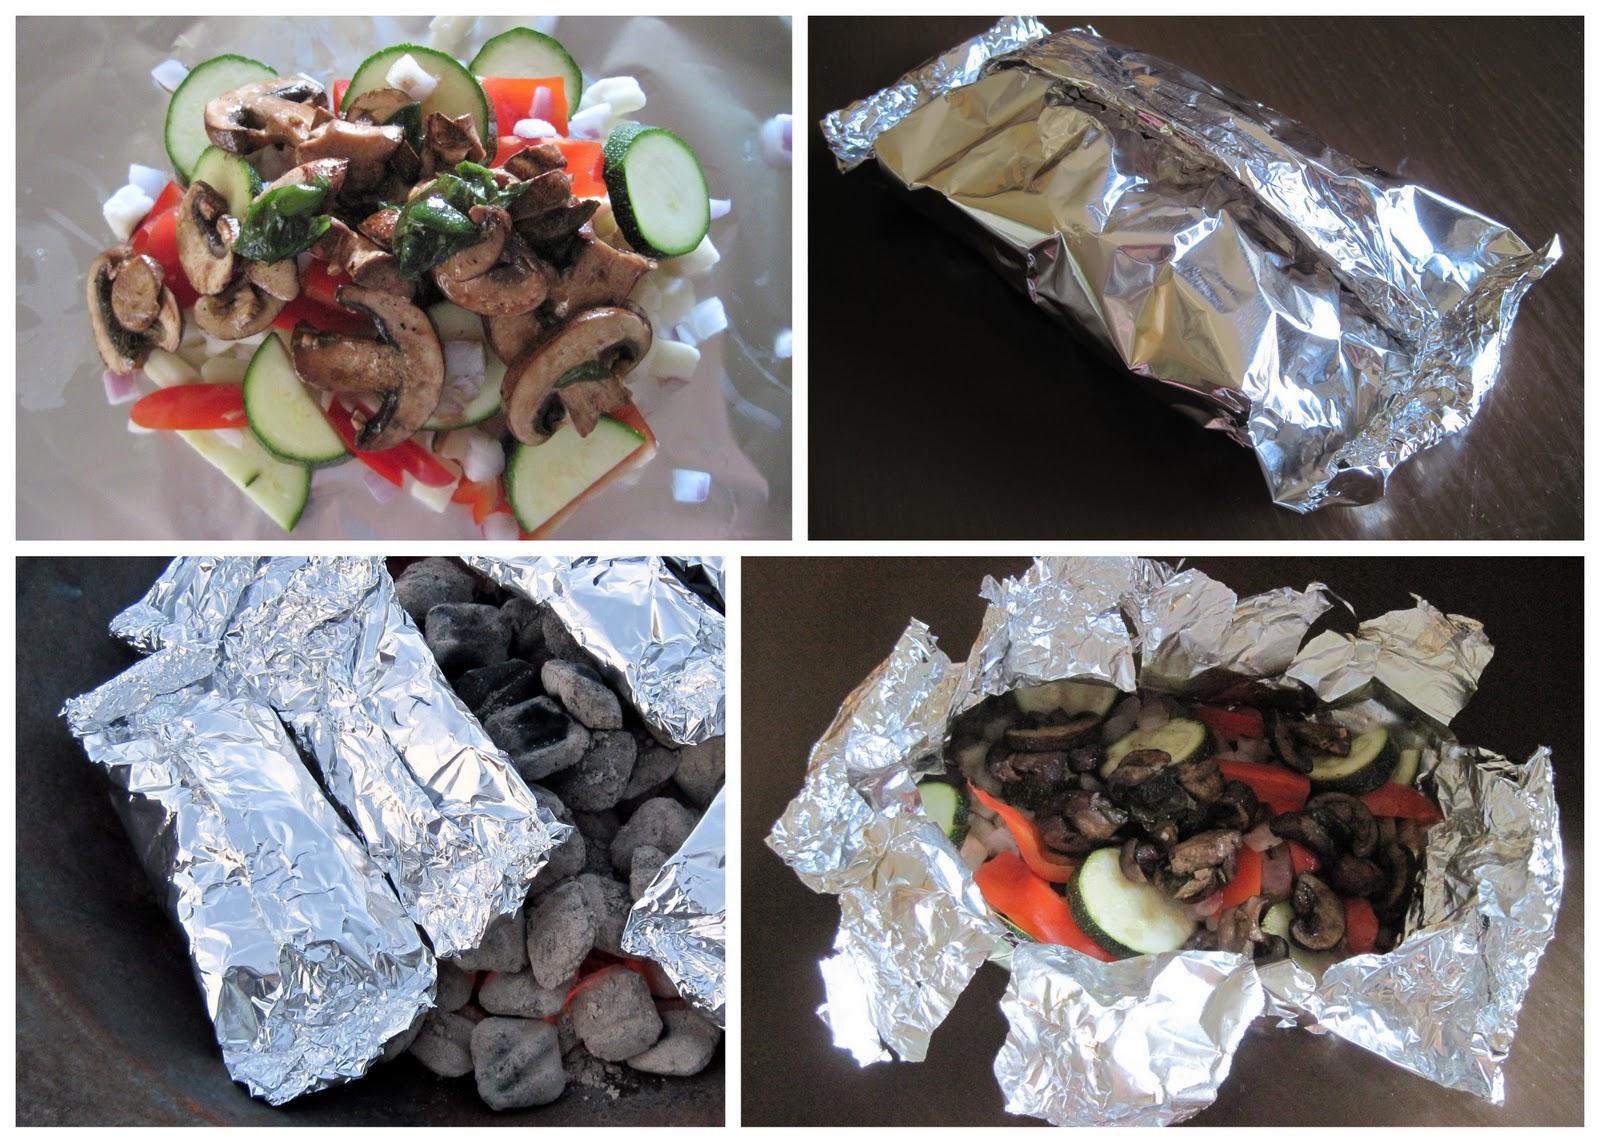 Ngilu, Ini Alasan Kamu Akan Kesakitan ketika Menggigit Aluminium Foil!